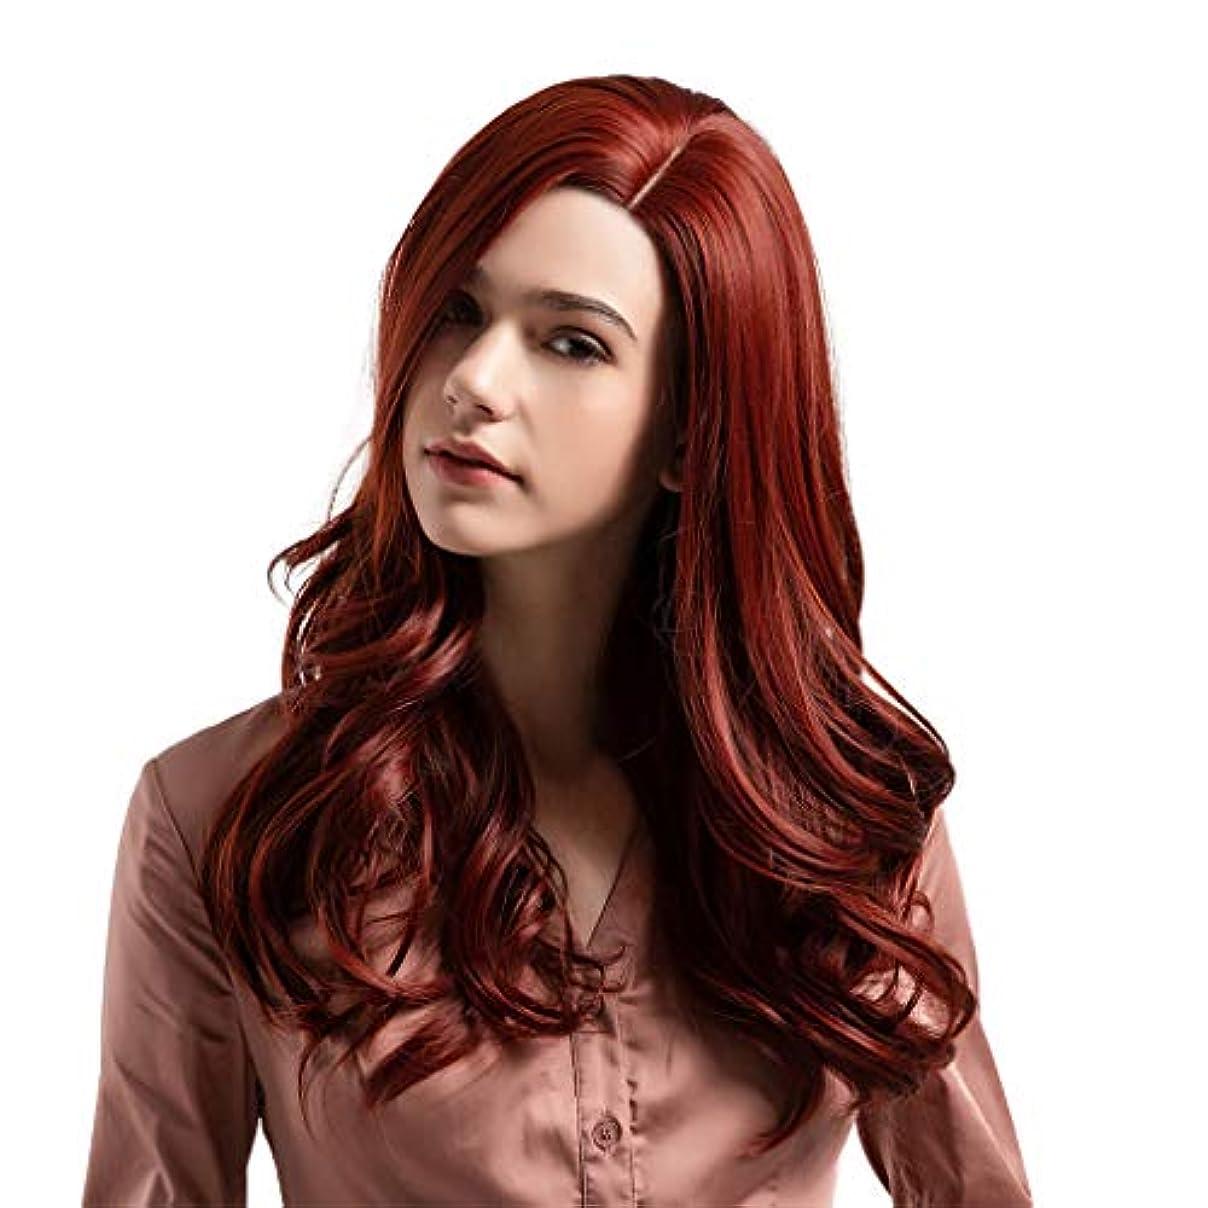 アボートキロメートル独特のかつら赤の長い髪の巻き毛の自然なかつら高温シルクウィッグ24インチ